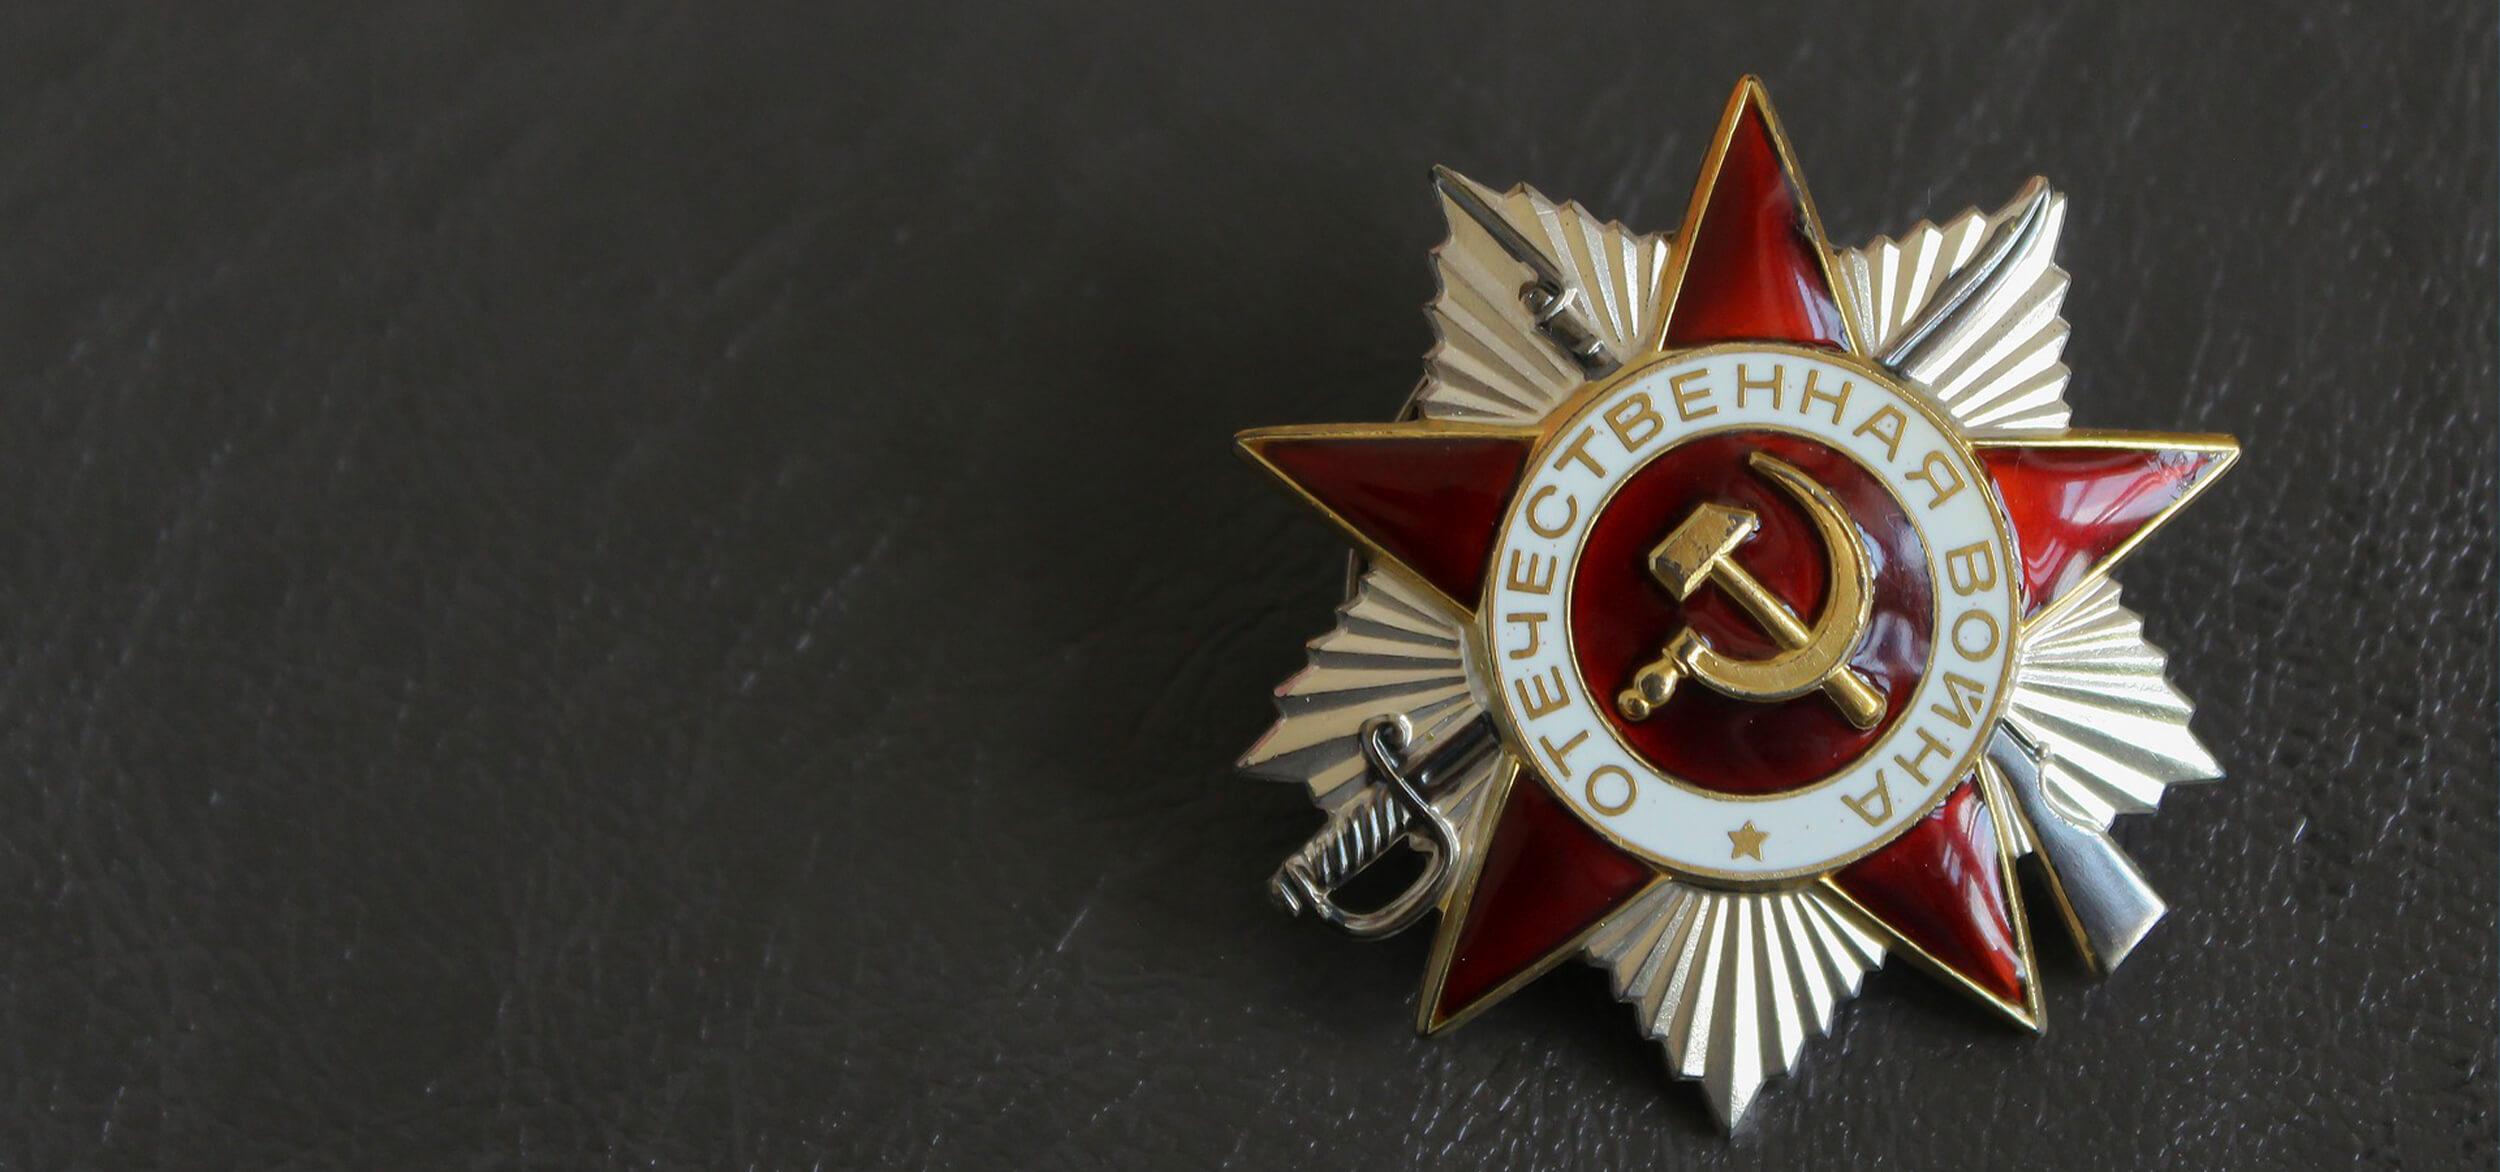 Как узнать где воевал дед в ВОВ, какие награды у него были